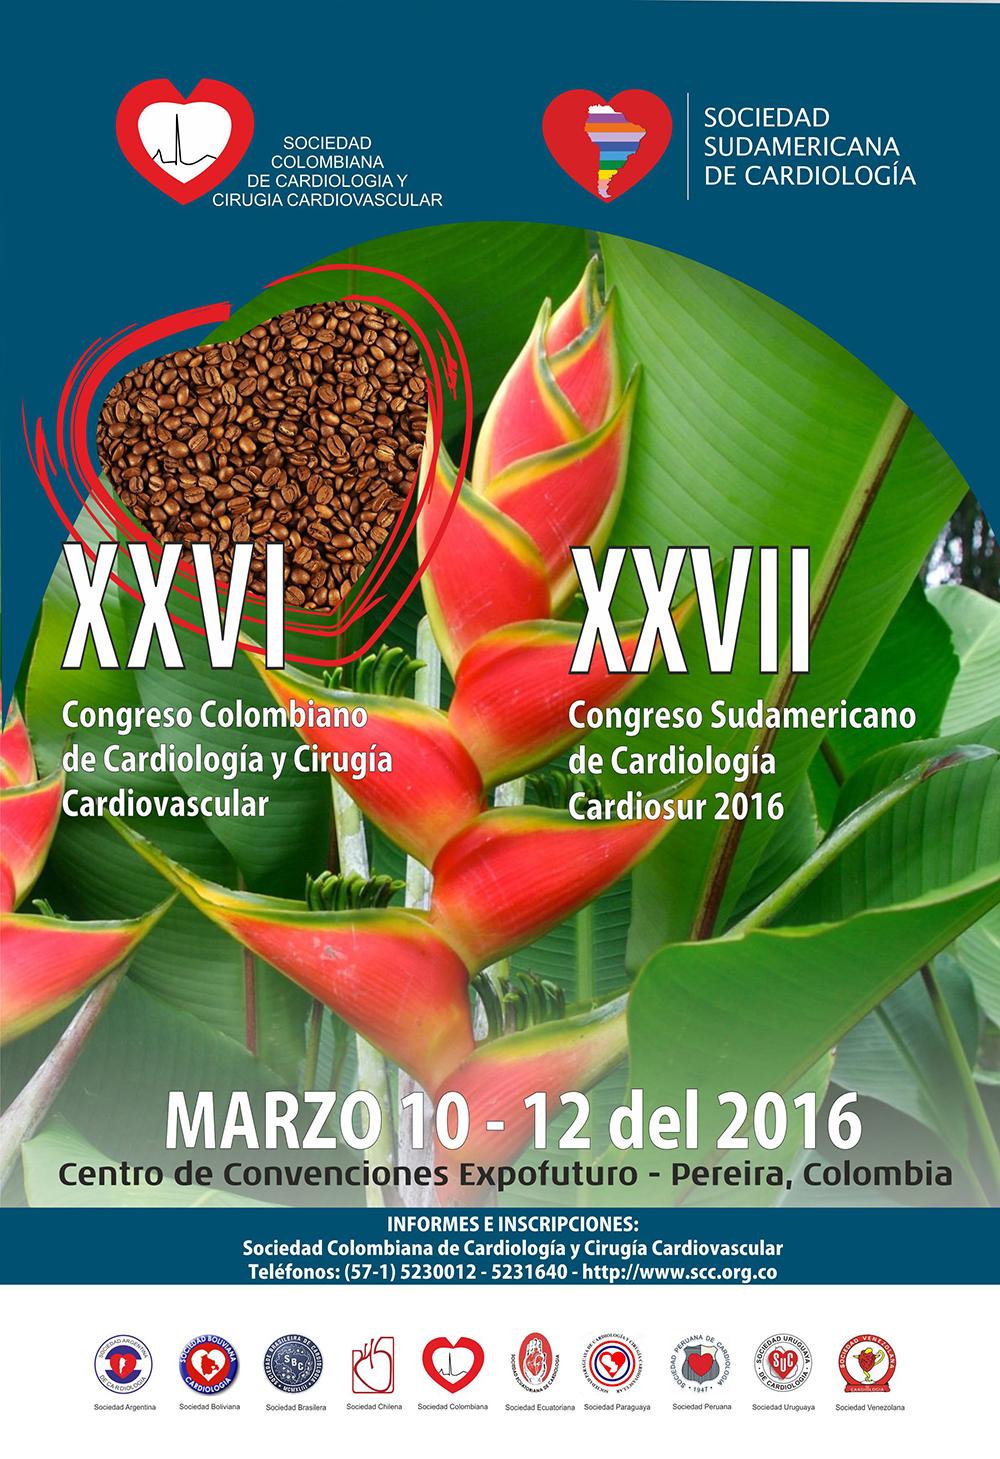 XXVI Congreso Colombiano de Cardiología y Cirugía Cardiovascular – XXVII Congreso Sudamericano de Cardiología Cardiosur 2016